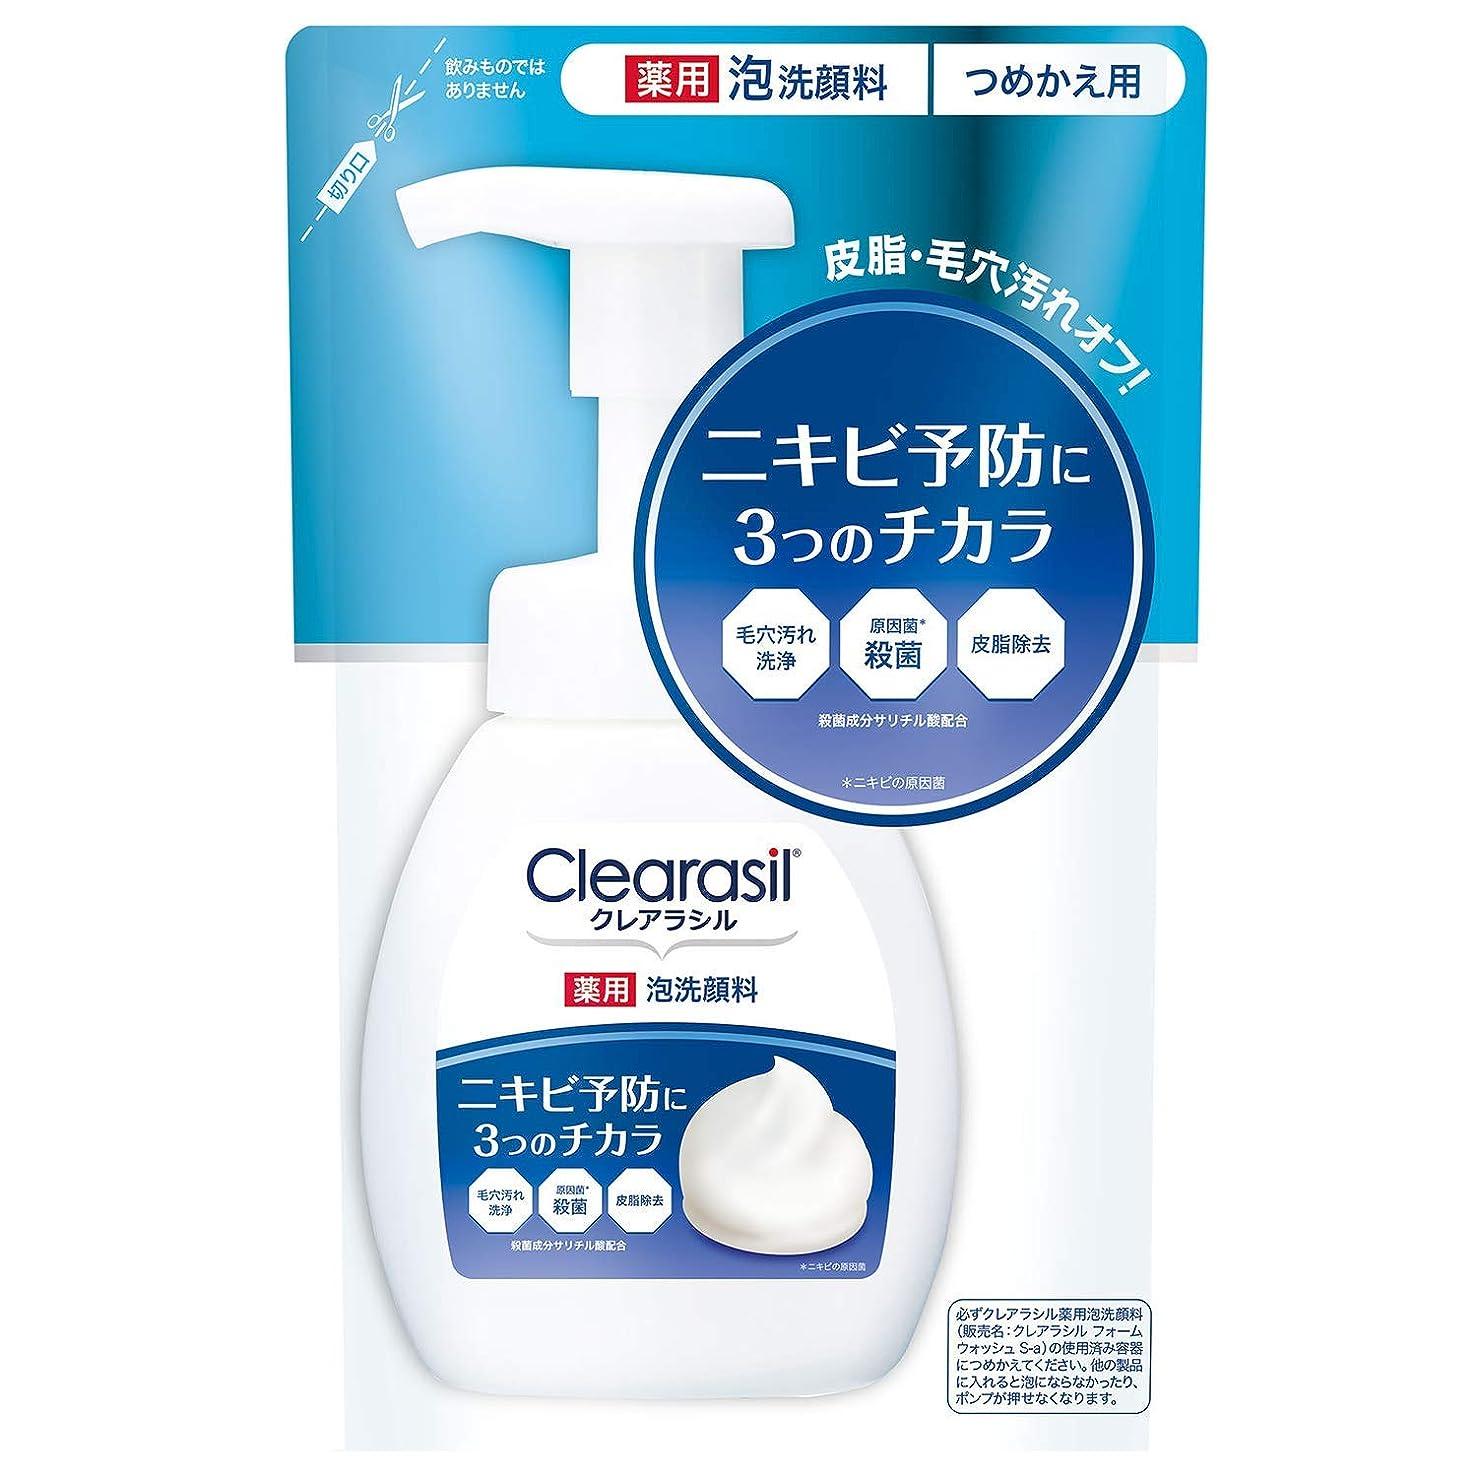 深さスパイラルスリル【clearasil】クレアラシル 薬用泡洗顔フォーム10 つめかえ用 (180ml) ×20個セット